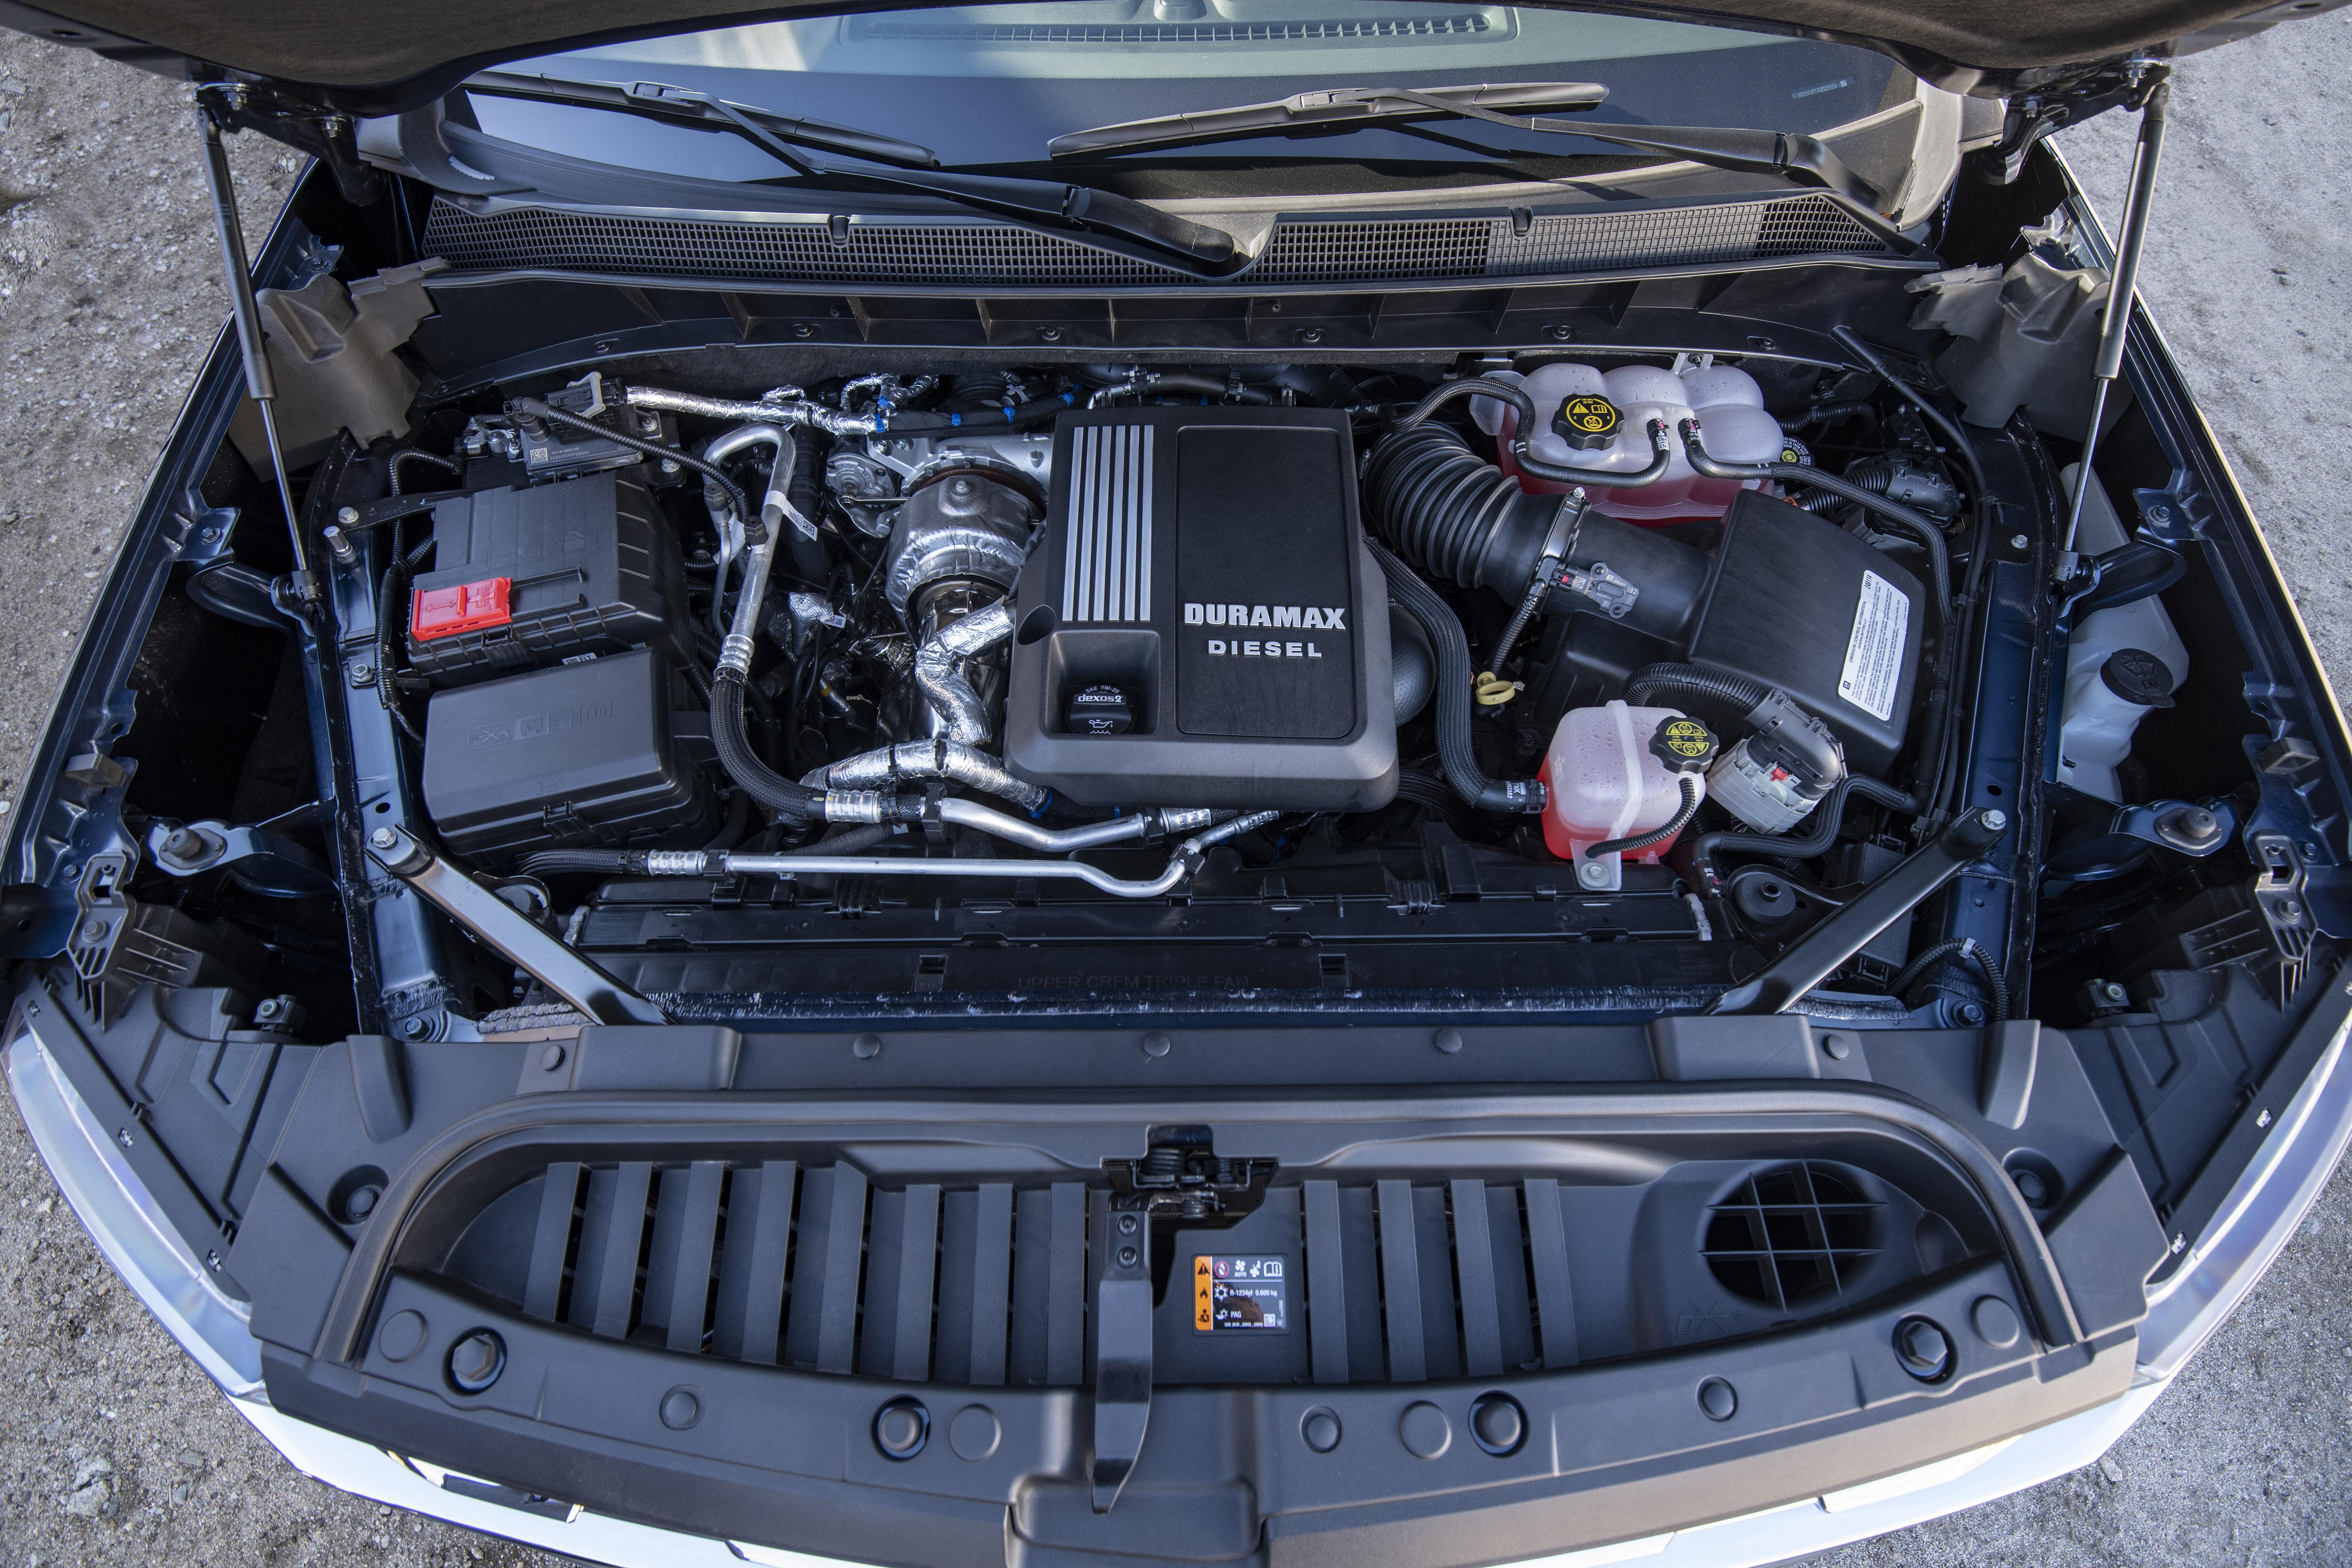 Chevy Silverado Diesel >> 33 Mpg 2020 Chevy Silverado 1500 Turbo Diesel Is Fuel